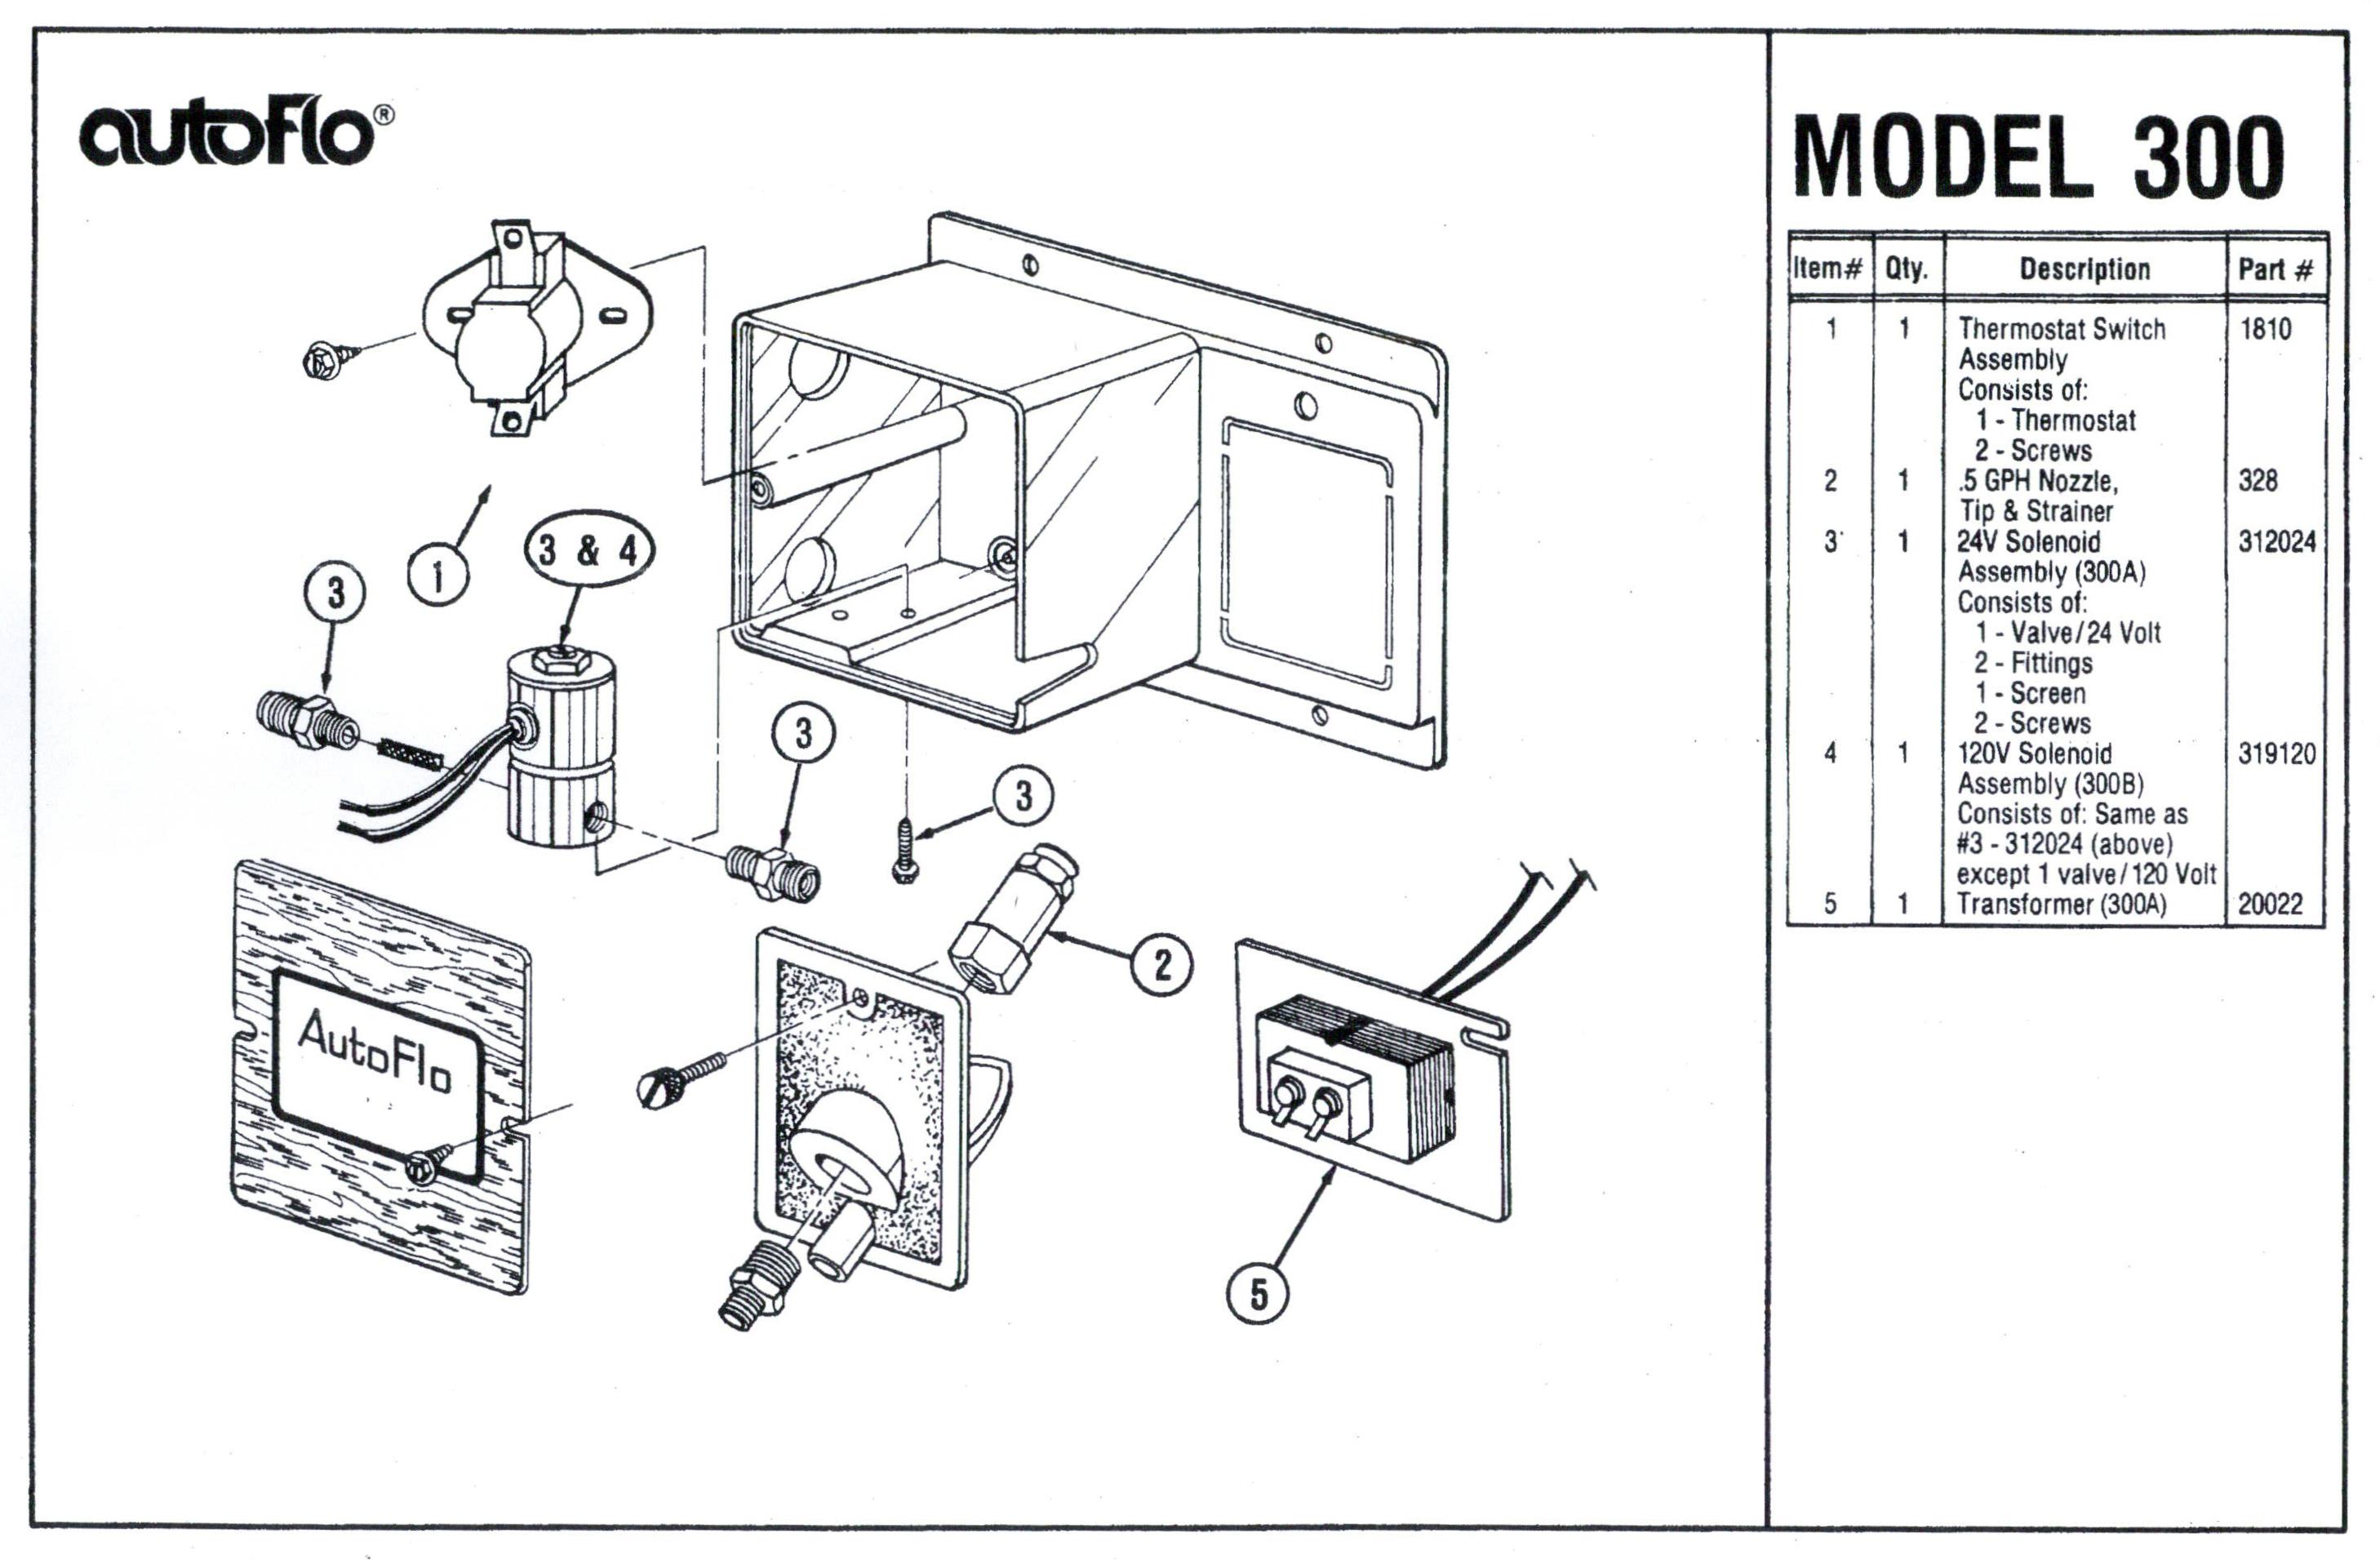 Autoflo 300B Humidifier Parts